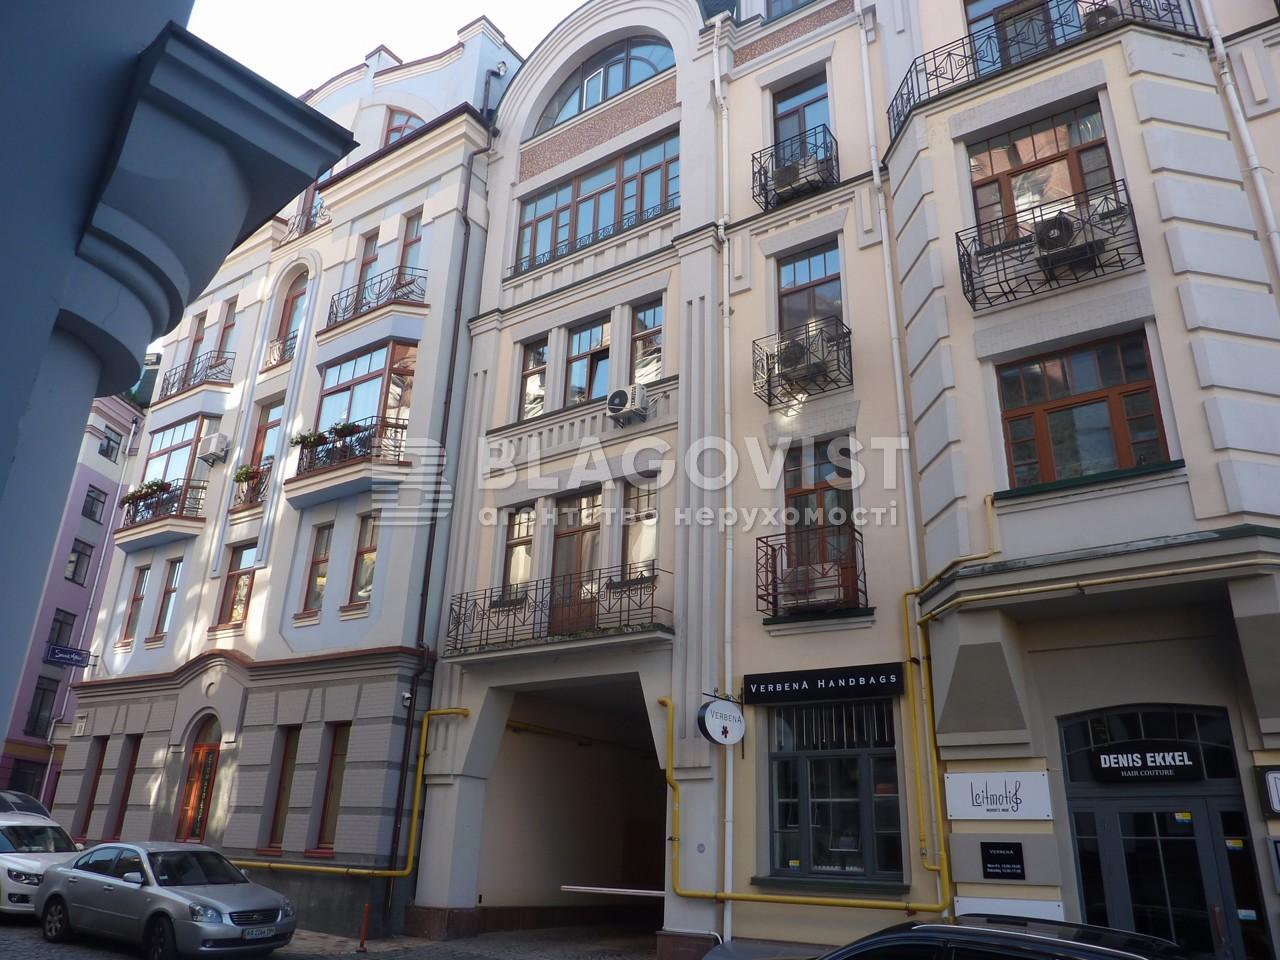 Квартира C-108891, Воздвиженская, 48, Киев - Фото 3